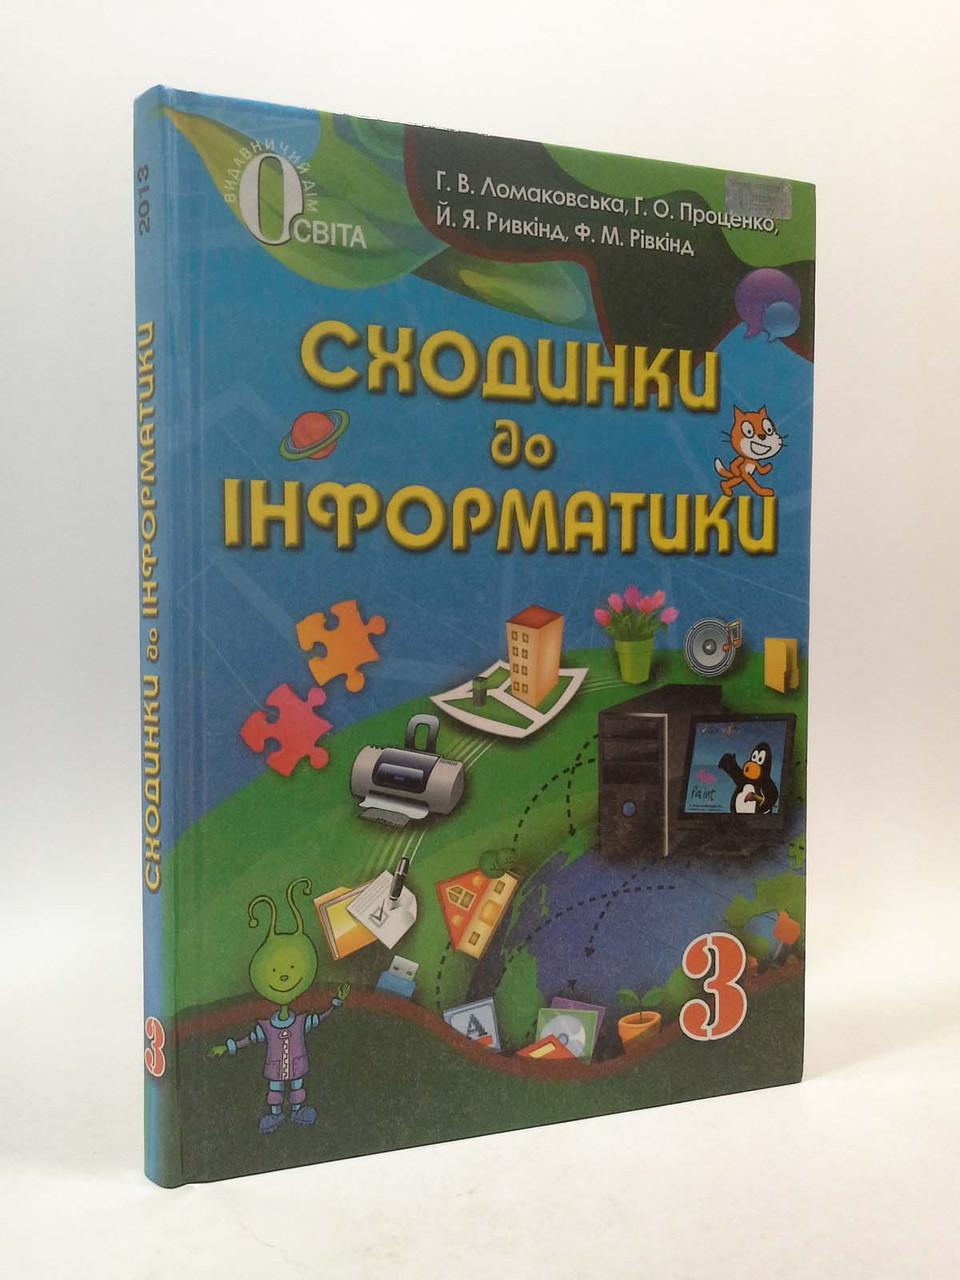 Підруник Інформатика 3 клас Сходинки до інформатики Ломаковська Освіта